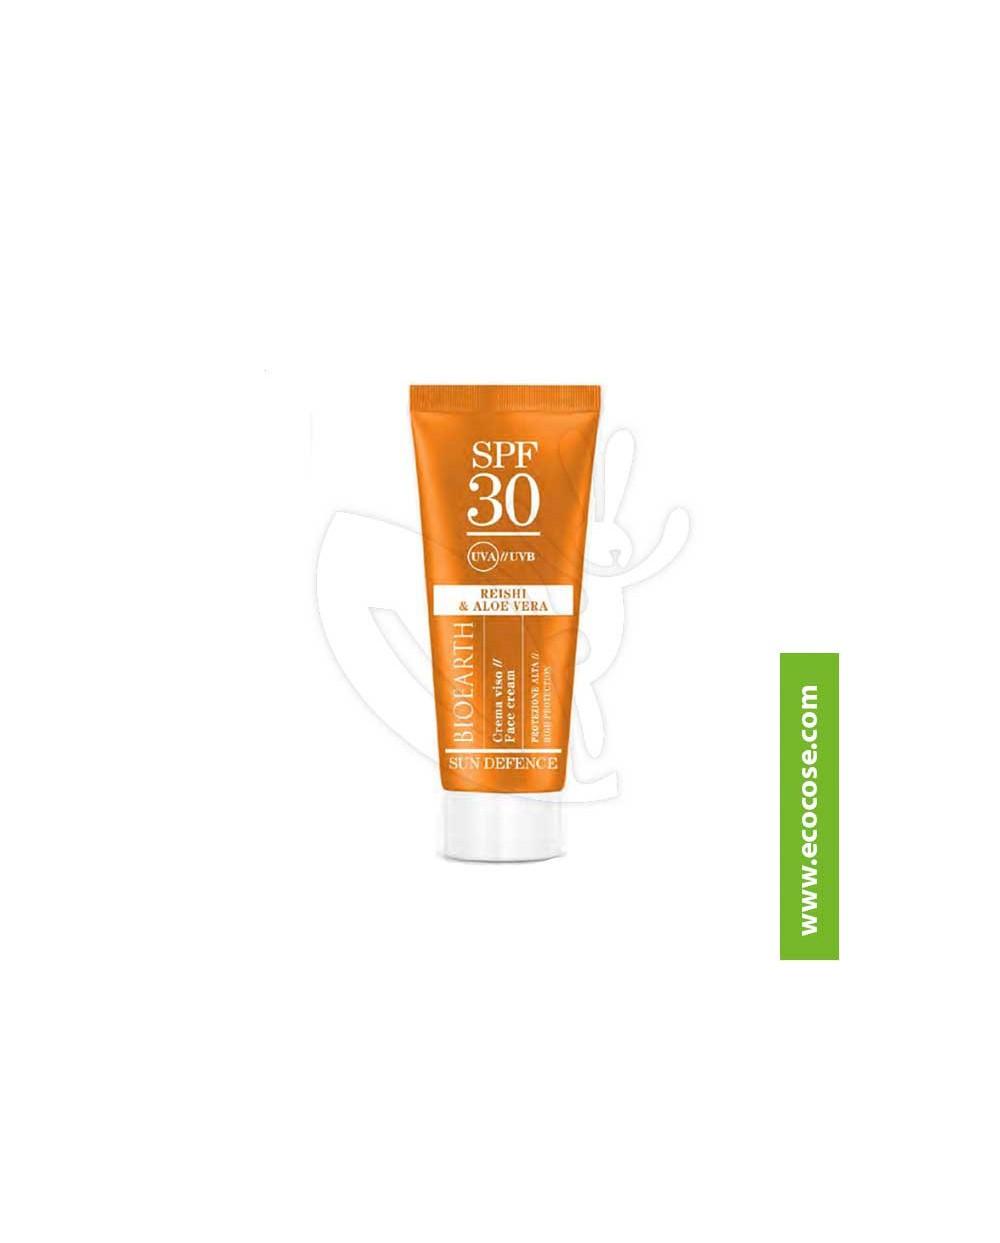 Bioearth Sun Defence - Crema solare viso protezione alta spf 30 Reishi e Aloe Vera